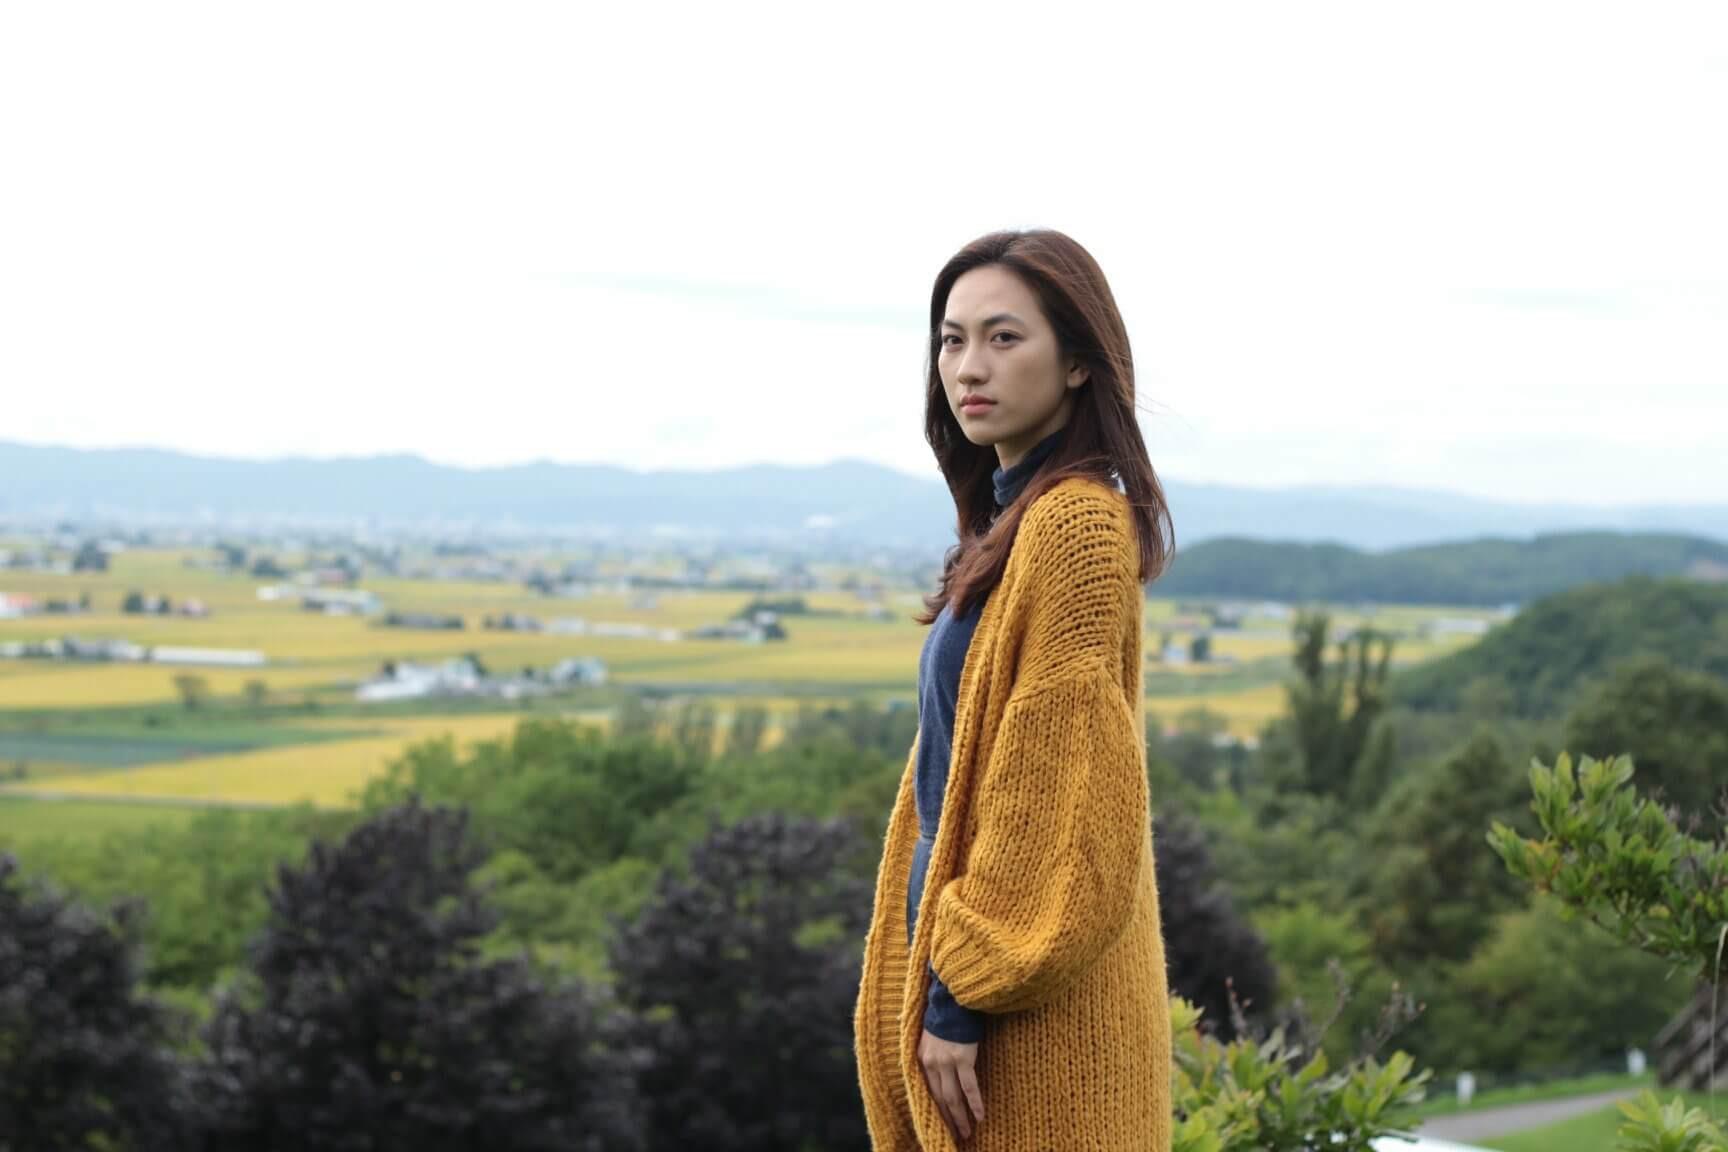 6 gương mặt điện ảnh được kì vọng bứt phá năm 2019: Từ giang hồ gốc cải lương đến ác nữ xinh đẹp nhất màn ảnh Việt - Ảnh 16.